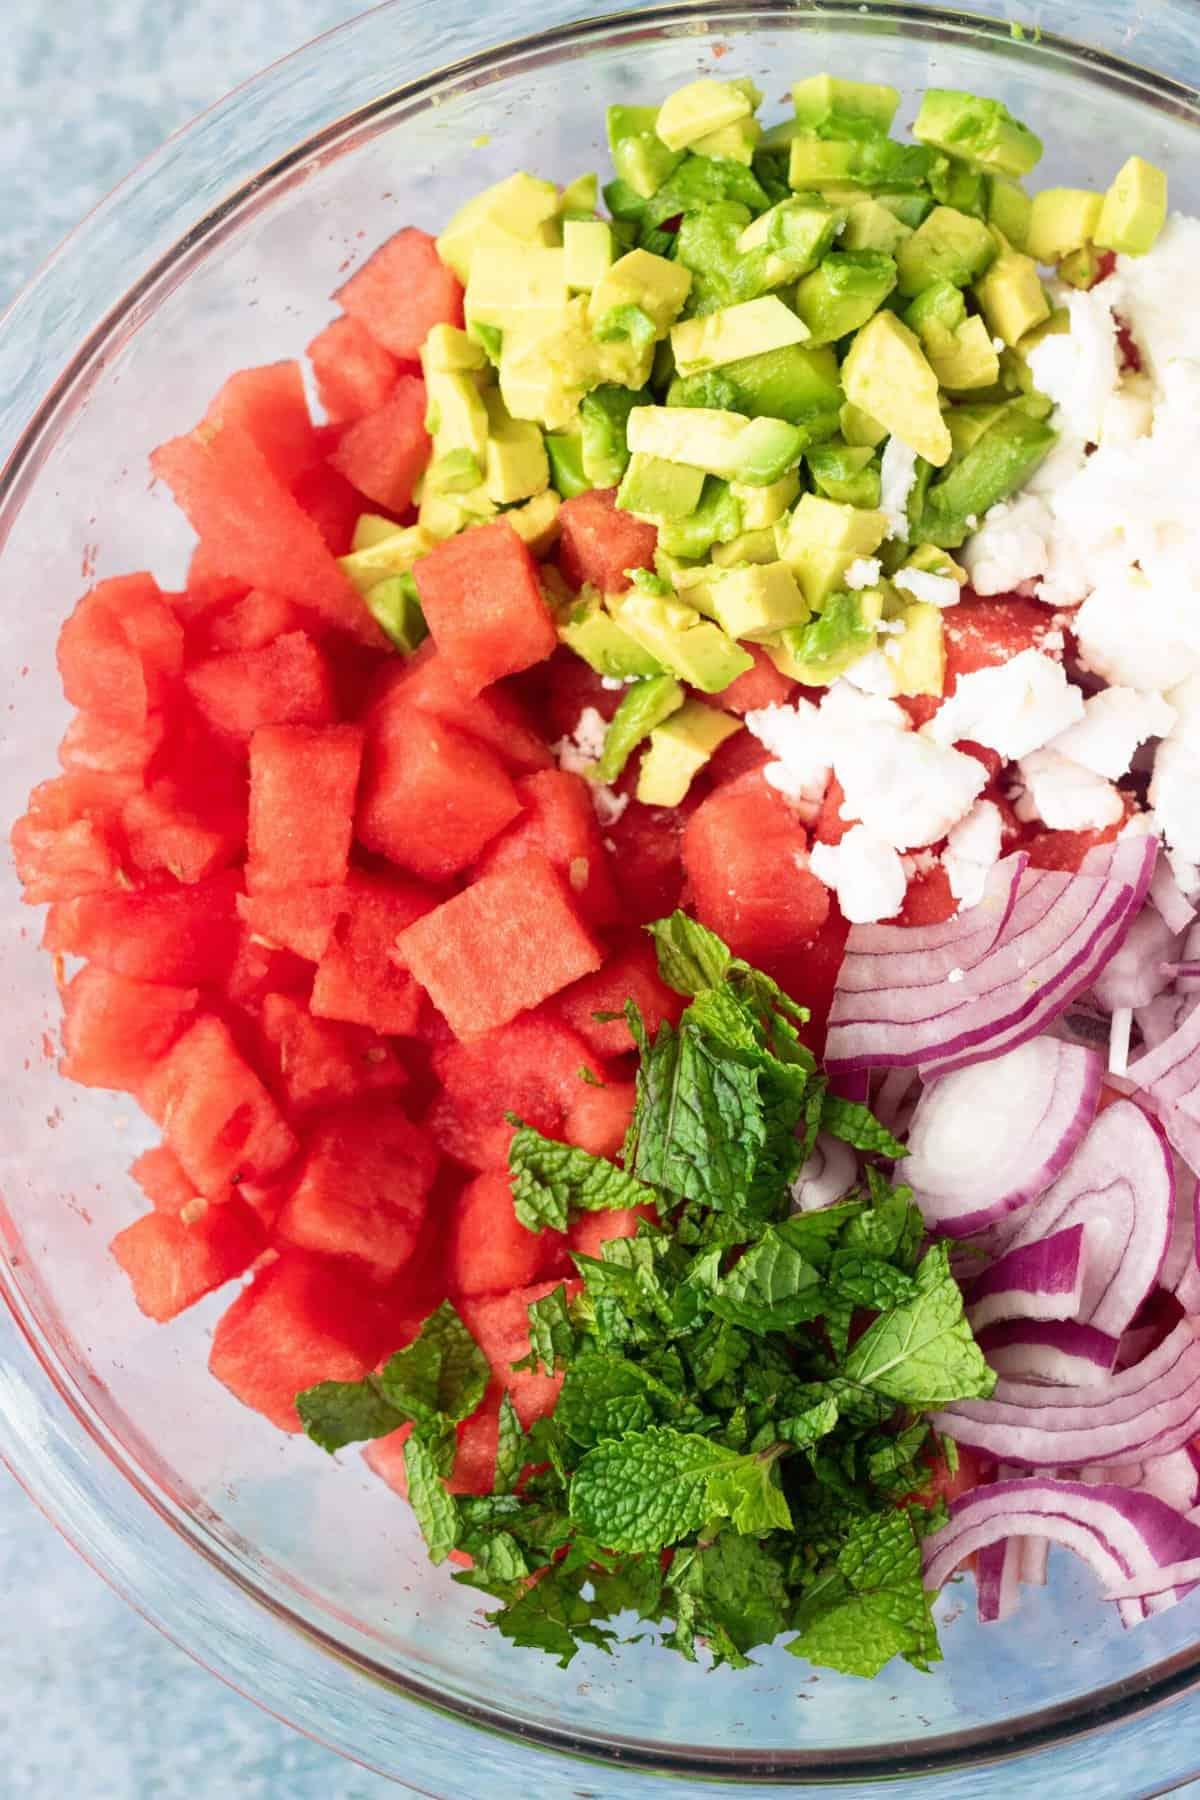 Vegan Watermelon Salad Ingredients in Bowl